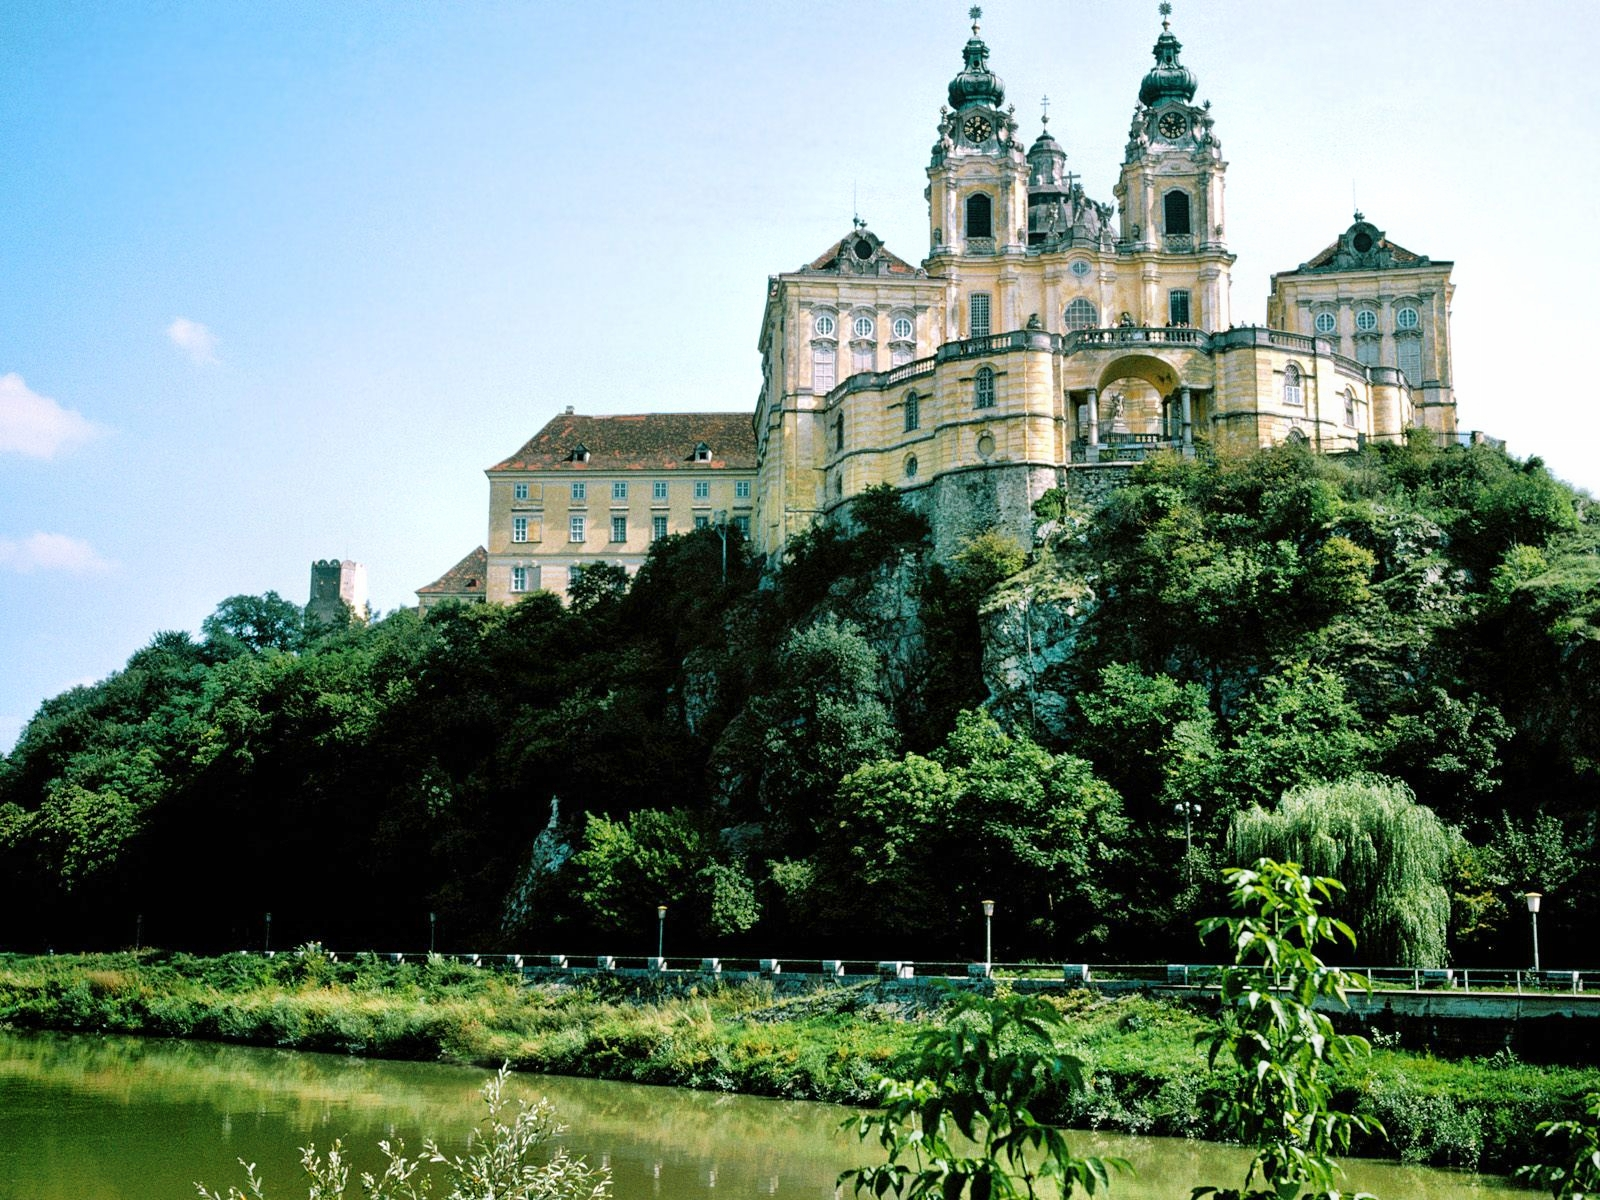 http://3.bp.blogspot.com/-RGMPt9hO38g/T7ipaPdFDEI/AAAAAAAAIds/BBcuXm6uQm0/s1600/Melk+Monastery,+Austria.jpg